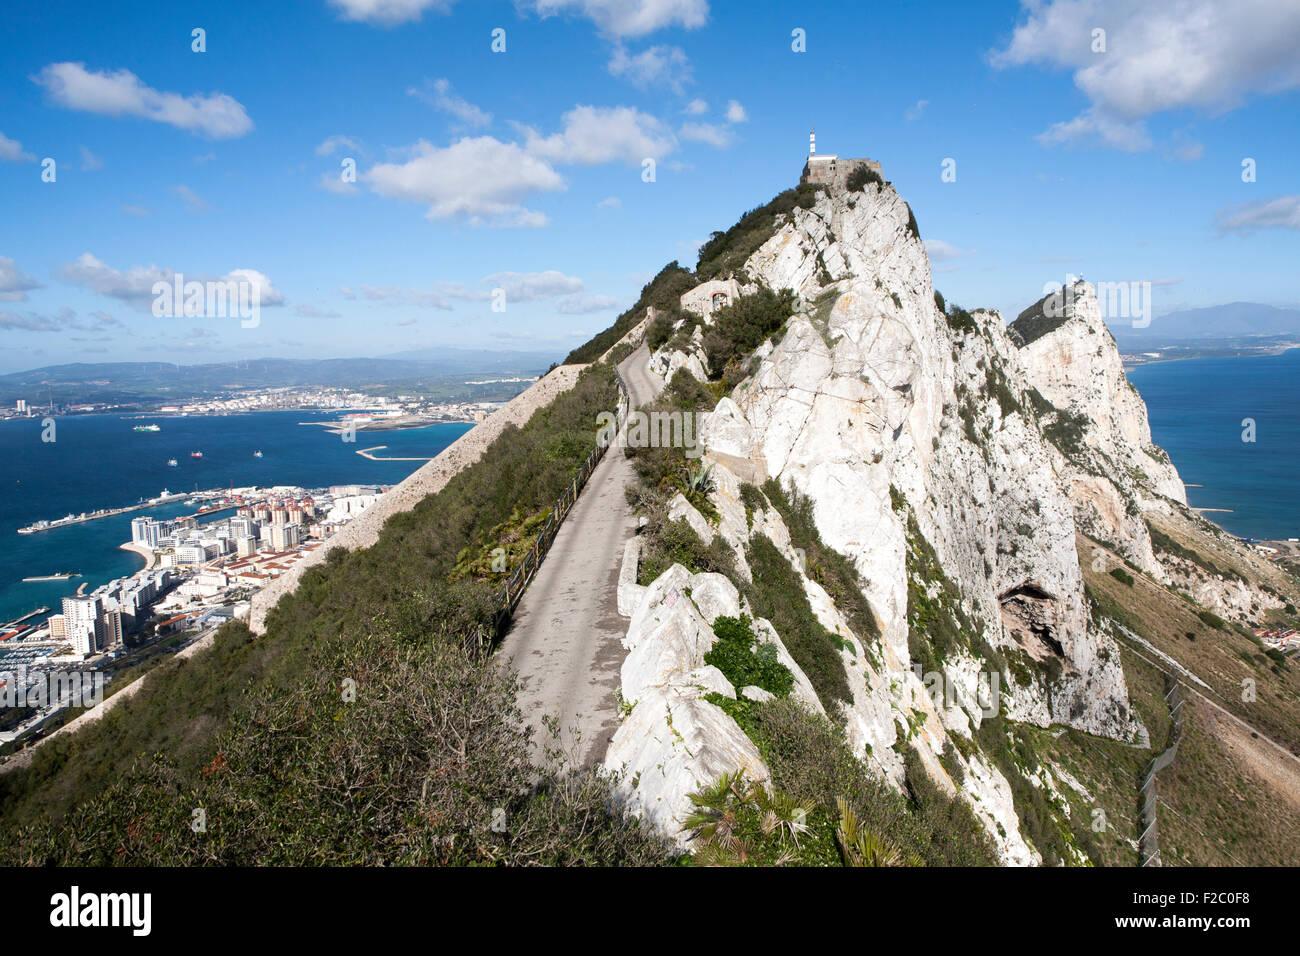 Reine weiße Stein Berg den Felsen von Gibraltar, Britisches Territorium im Süden Europas Stockbild